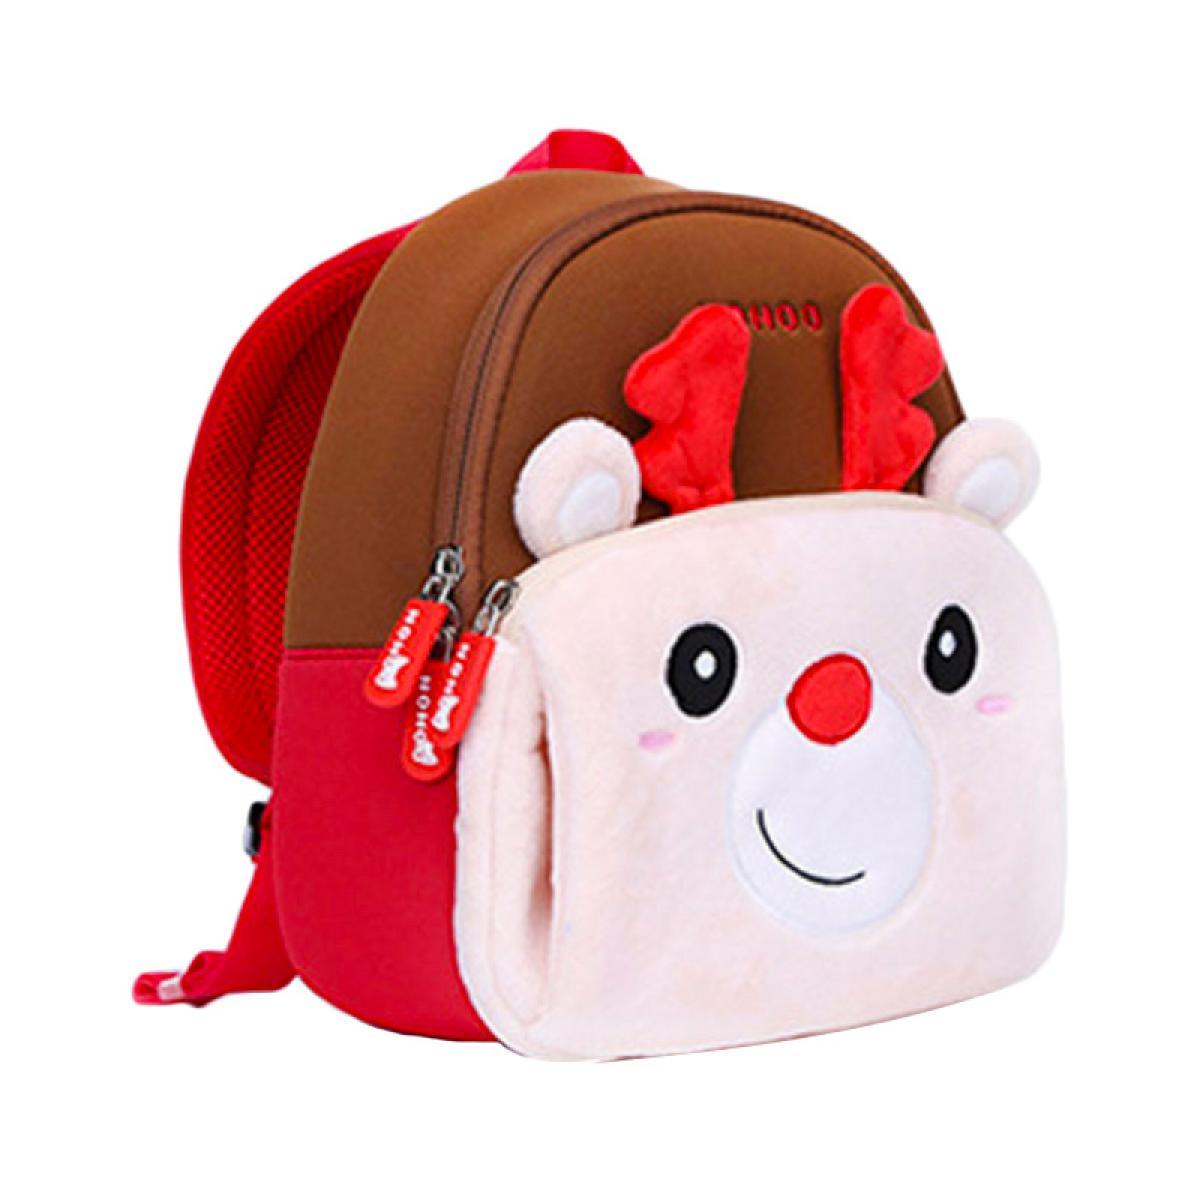 4049ff85ca91 Детский рюкзак Олененок Рудольф, маленький, 24х21х10 см, Nohoo (NHQ006)